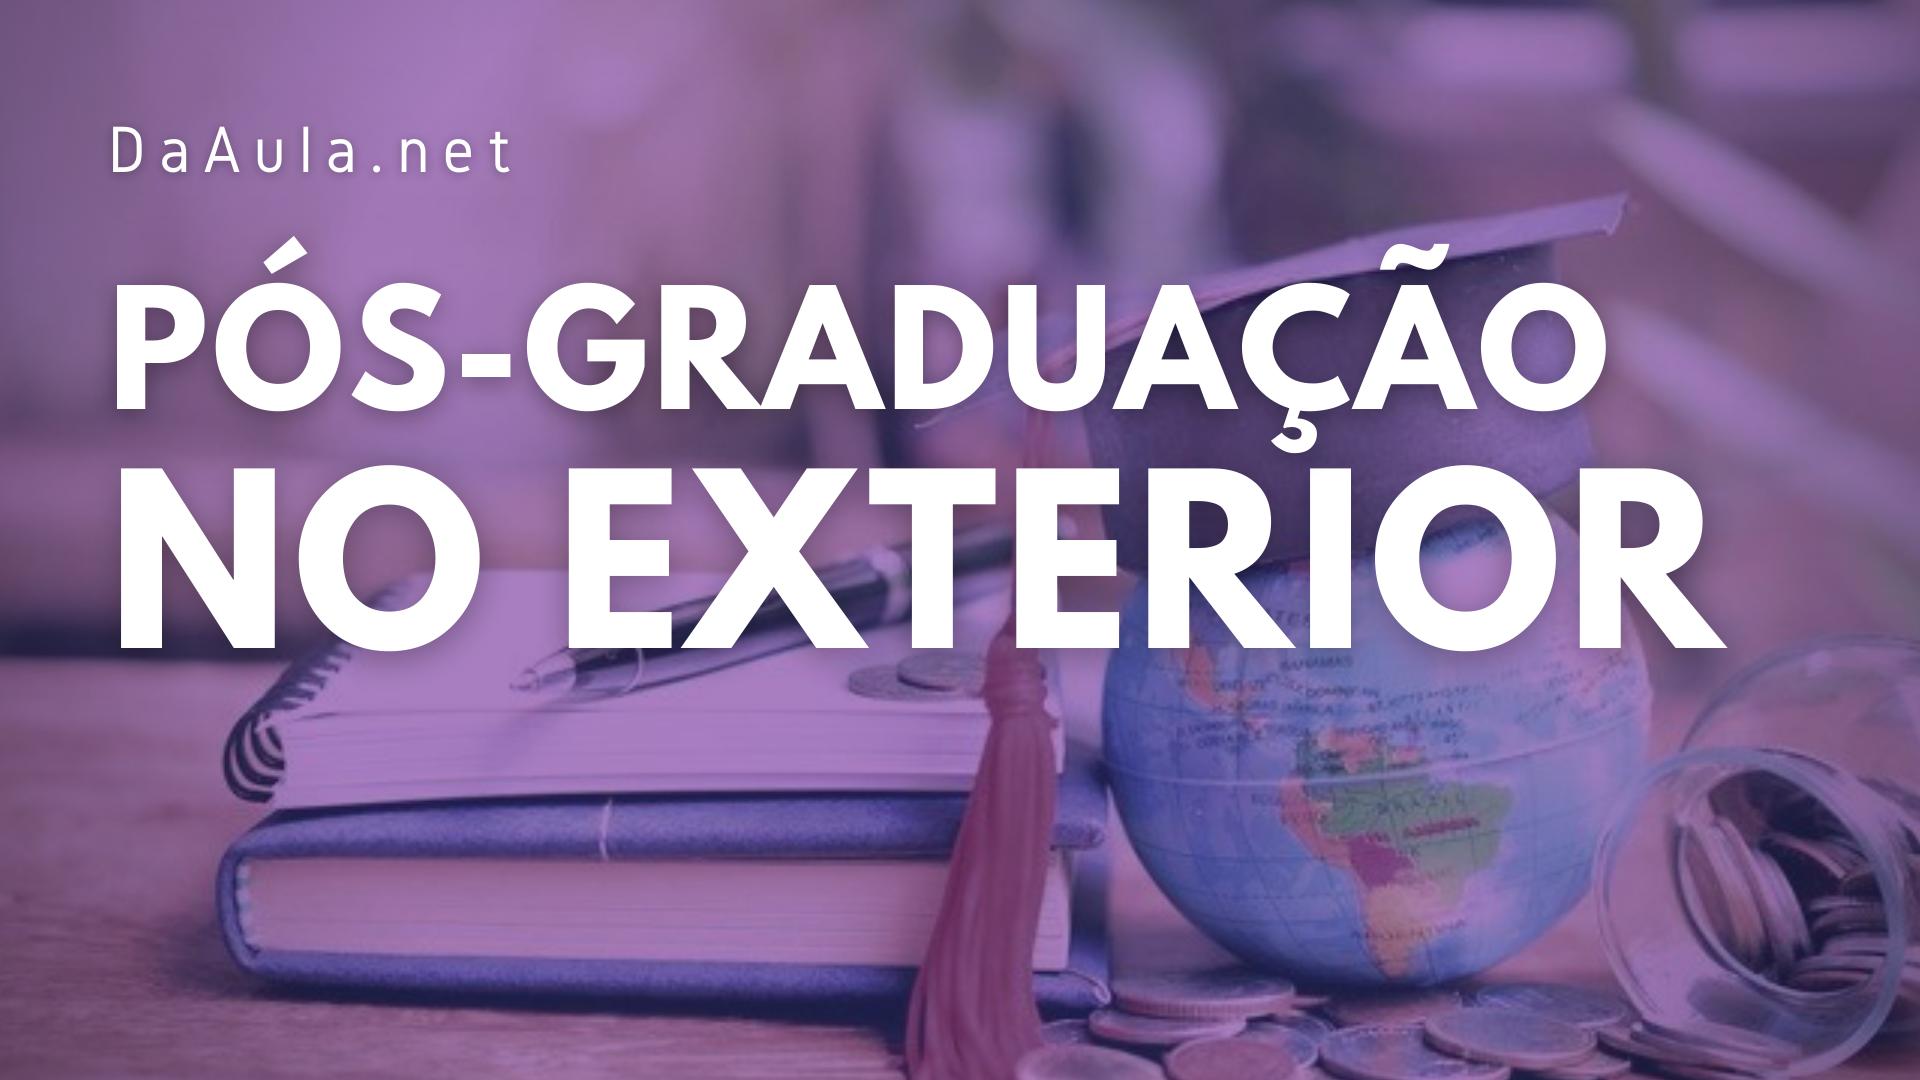 Pós-graduação no exterior: Por onde começar?